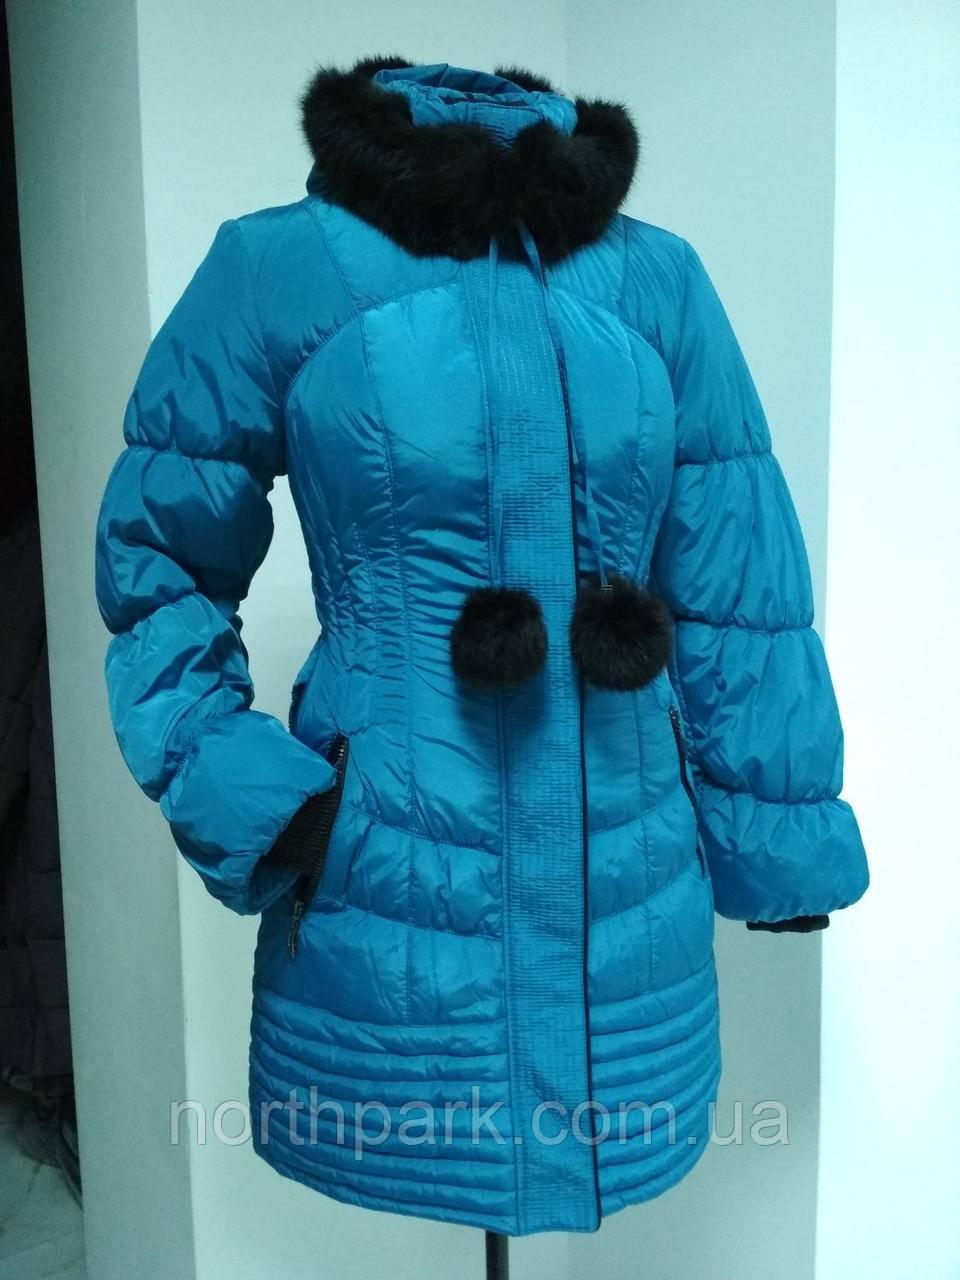 Зимняя длинная куртка с чёрным мехом кролика